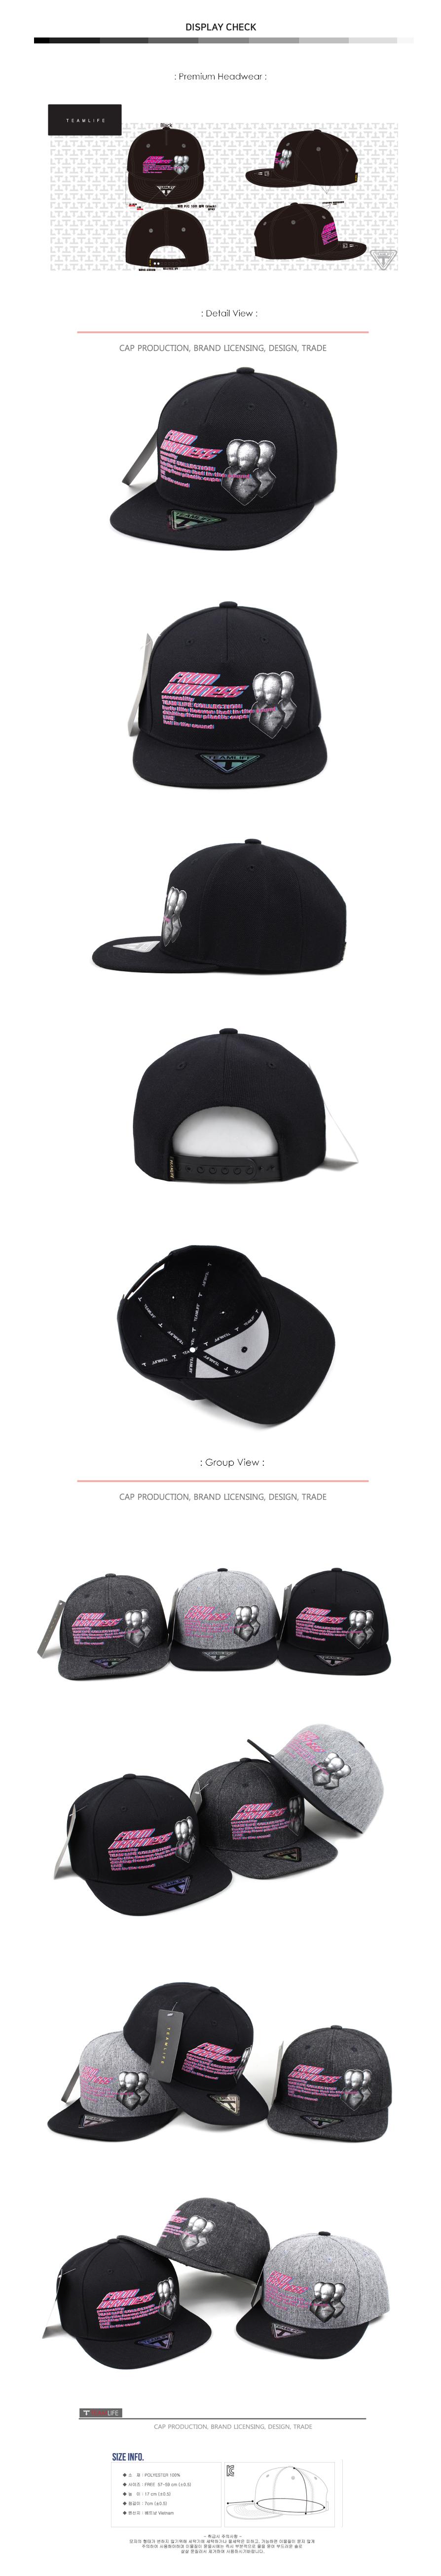 [팀라이프]3FO 스냅백 블랙